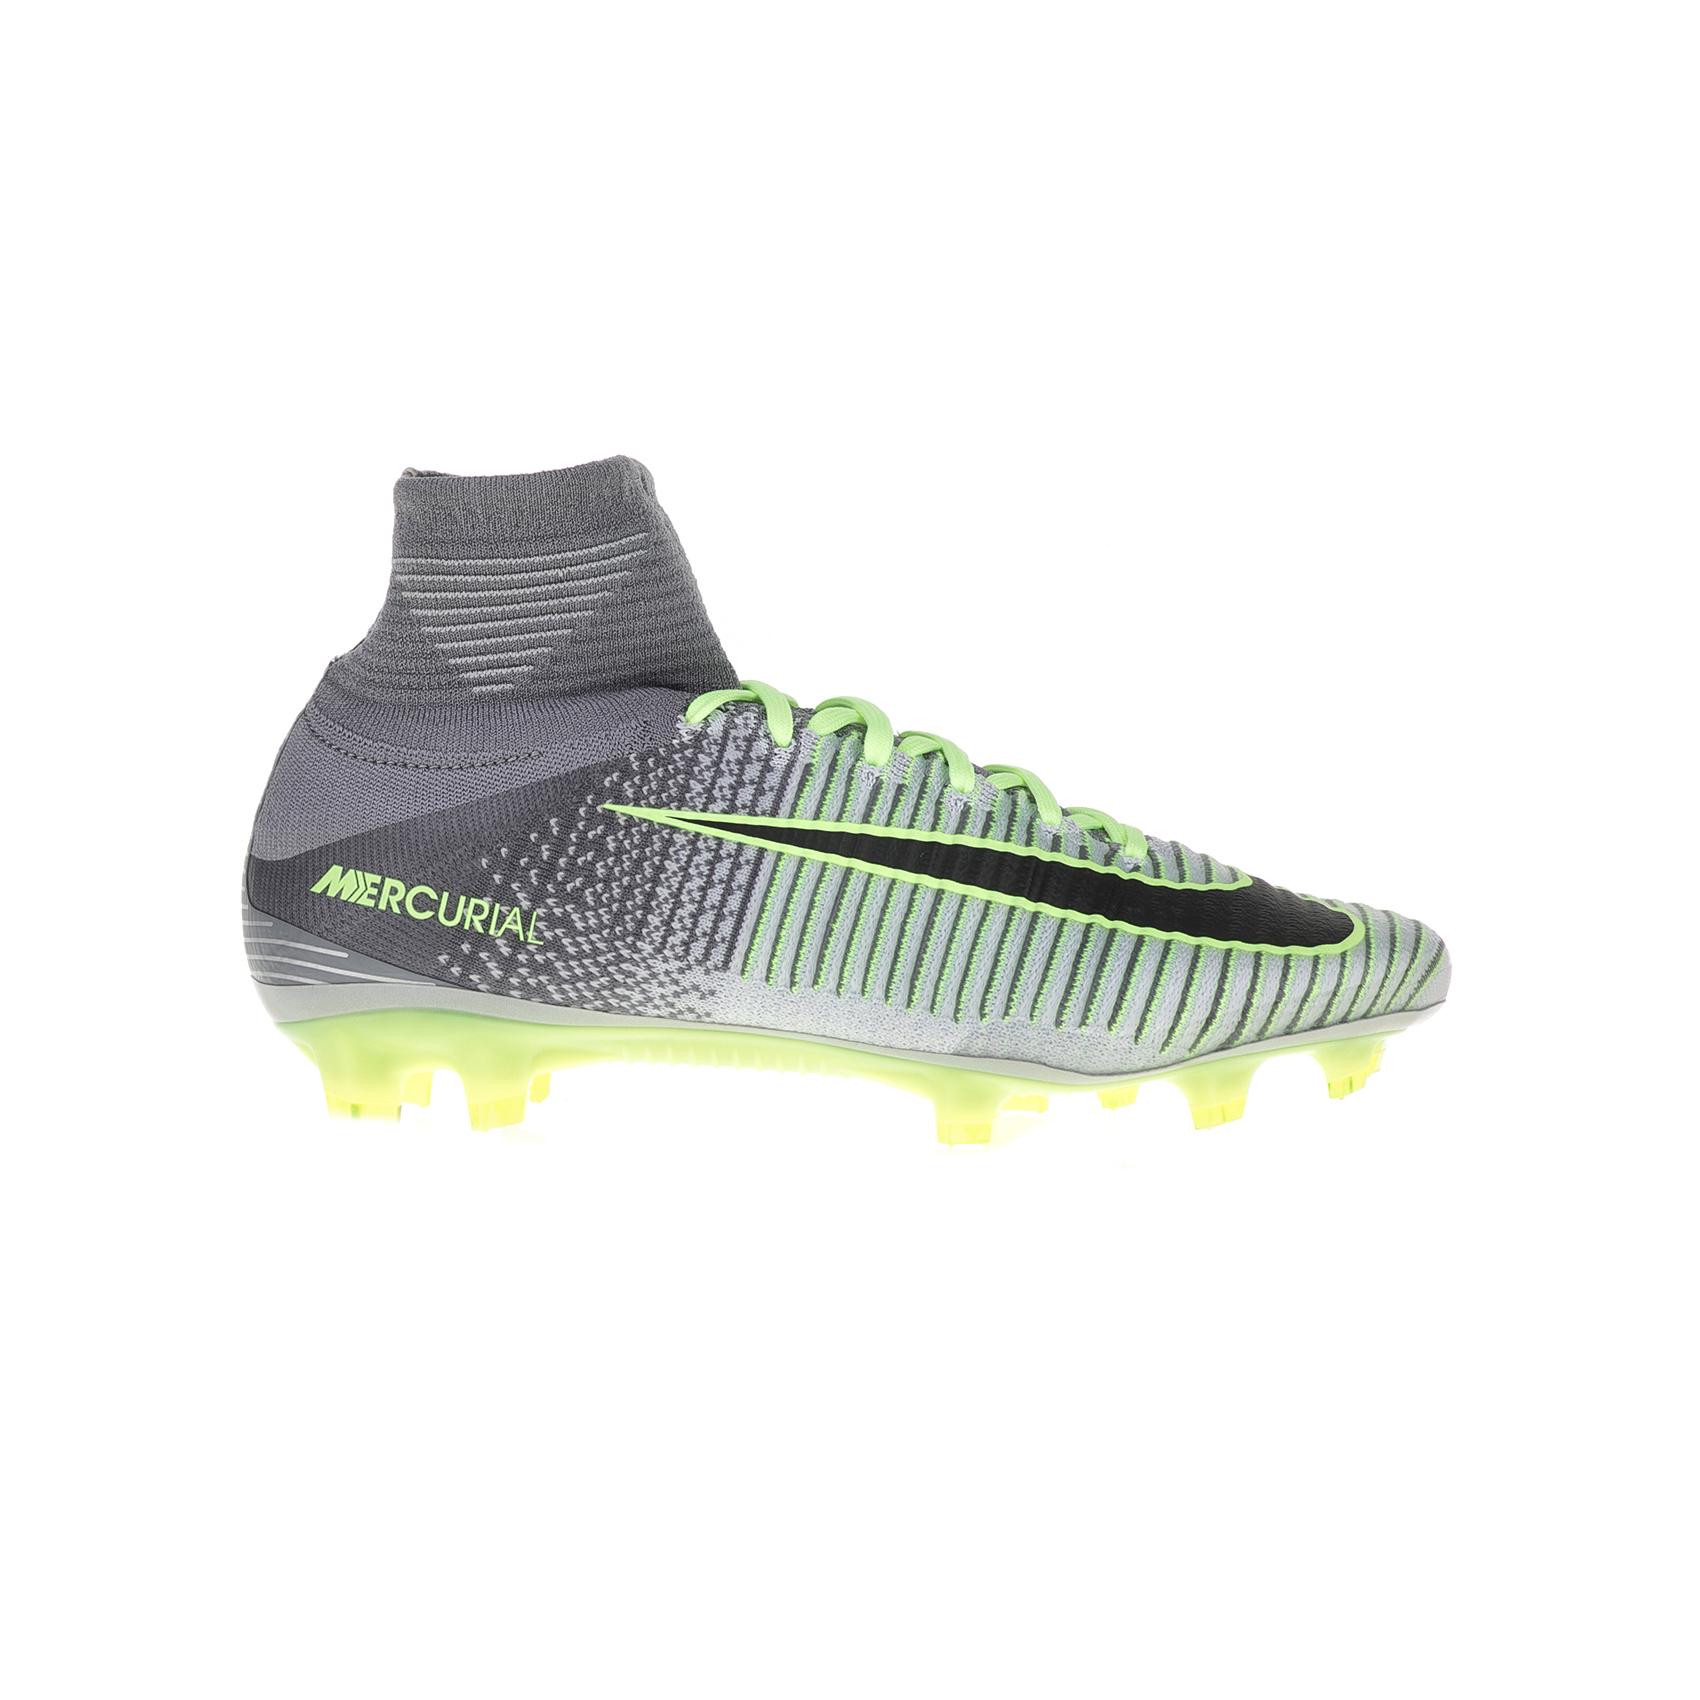 NIKE - Ανδρικά παπούτσια ποδοσφαίρου Nike MERCURIAL SUPERFLY V DF FG γκρι - πράσ ανδρικά παπούτσια αθλητικά football